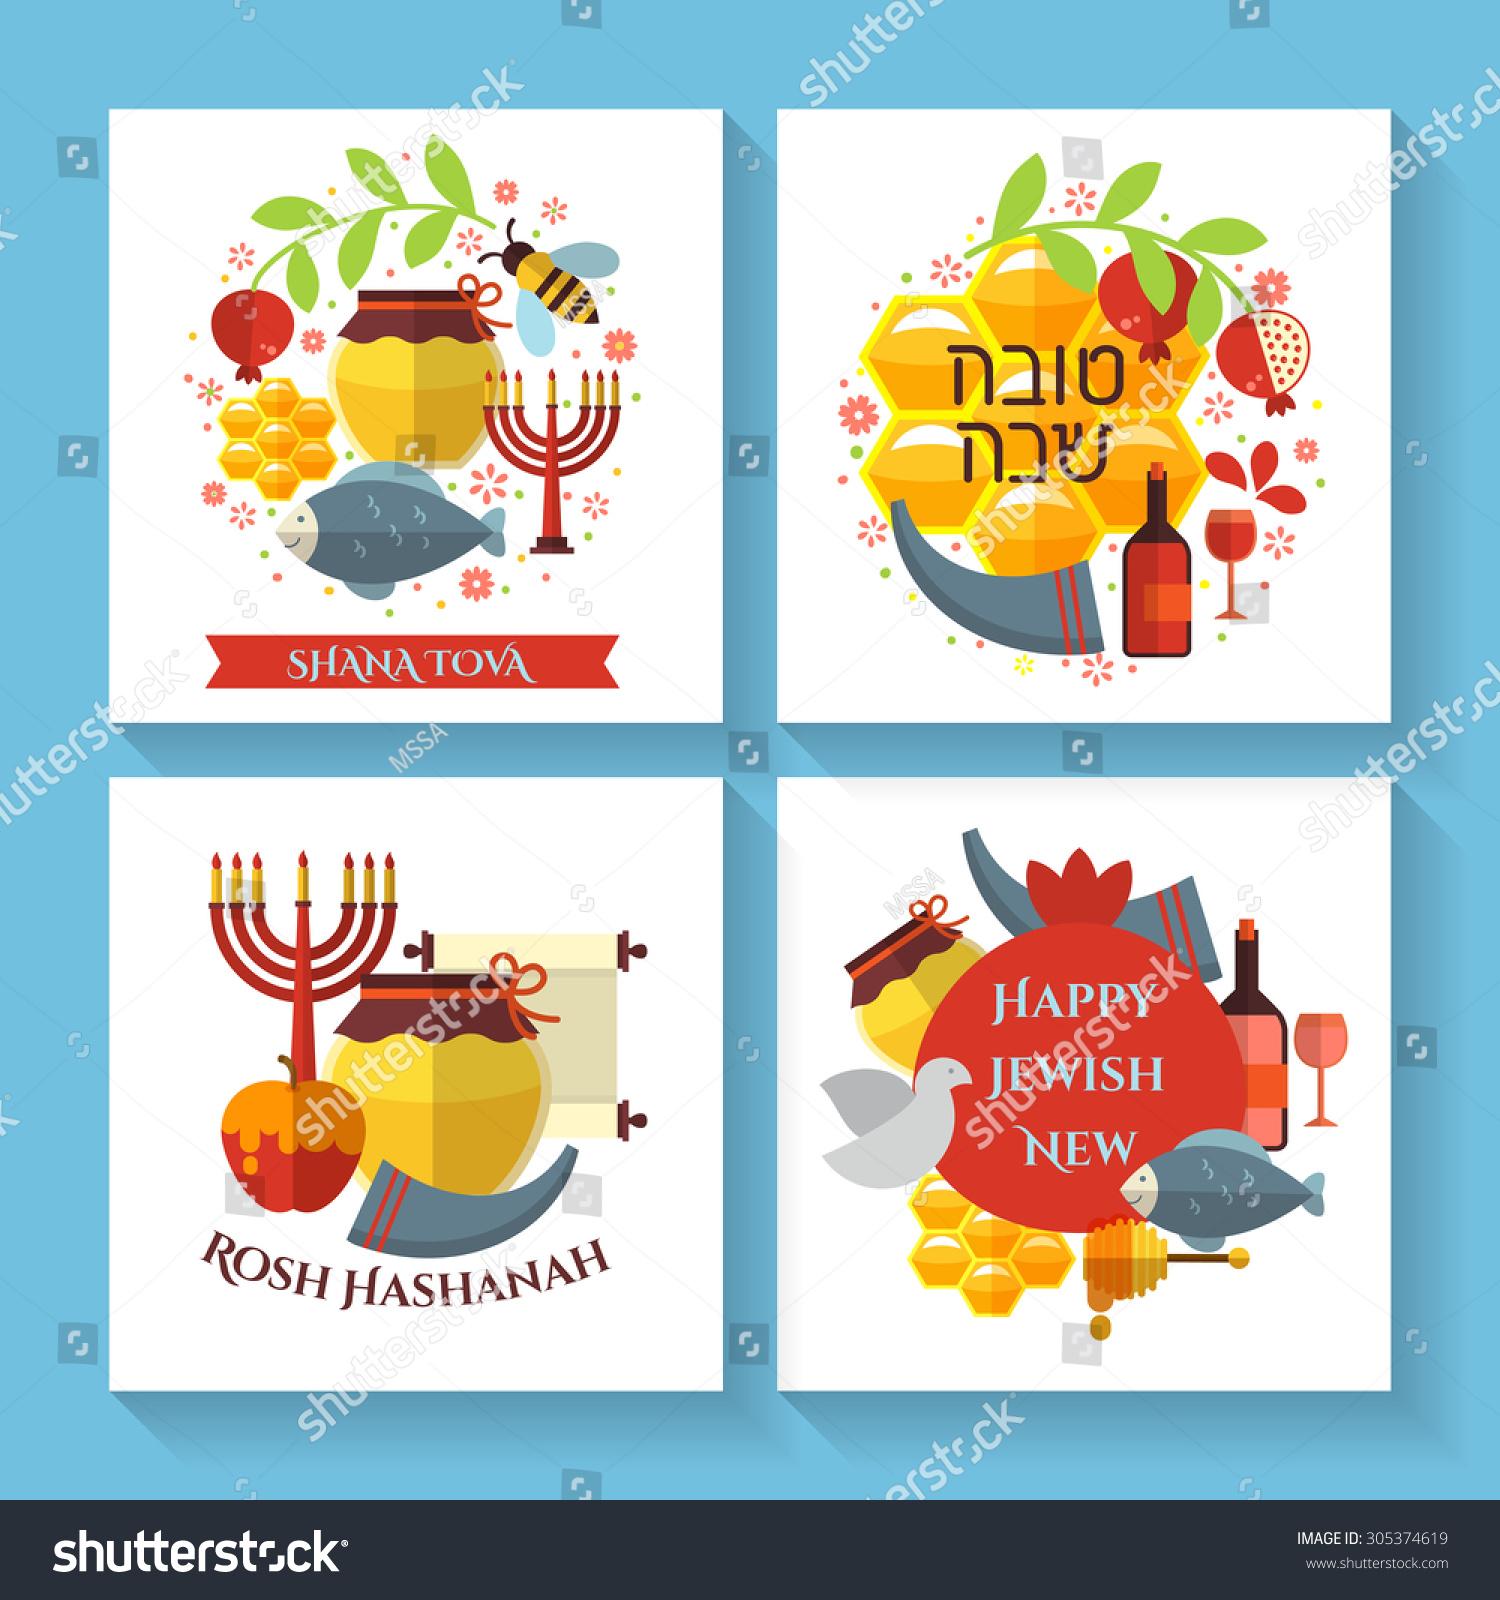 Happy Jewish New Year Rosh Hashanah Stock Vector